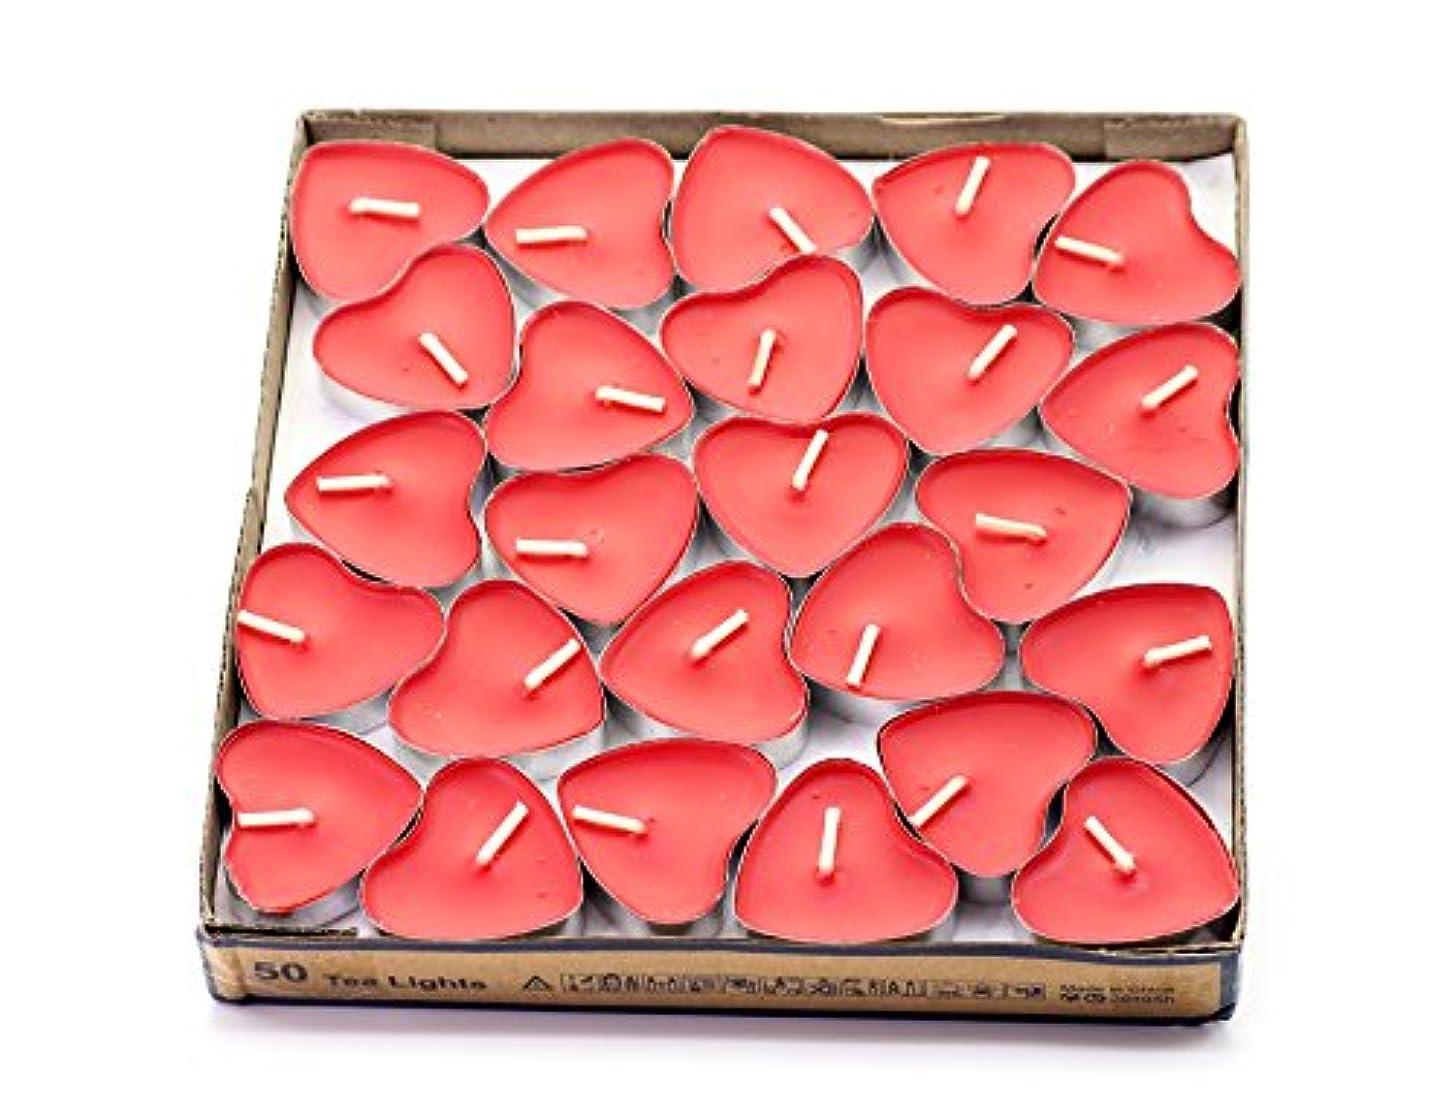 記念計算誕生日(Red(strawberry)) - Creationtop Scented Candles Tea Lights Mini Hearts Home Decor Aroma Candles Set of 50 pcs...